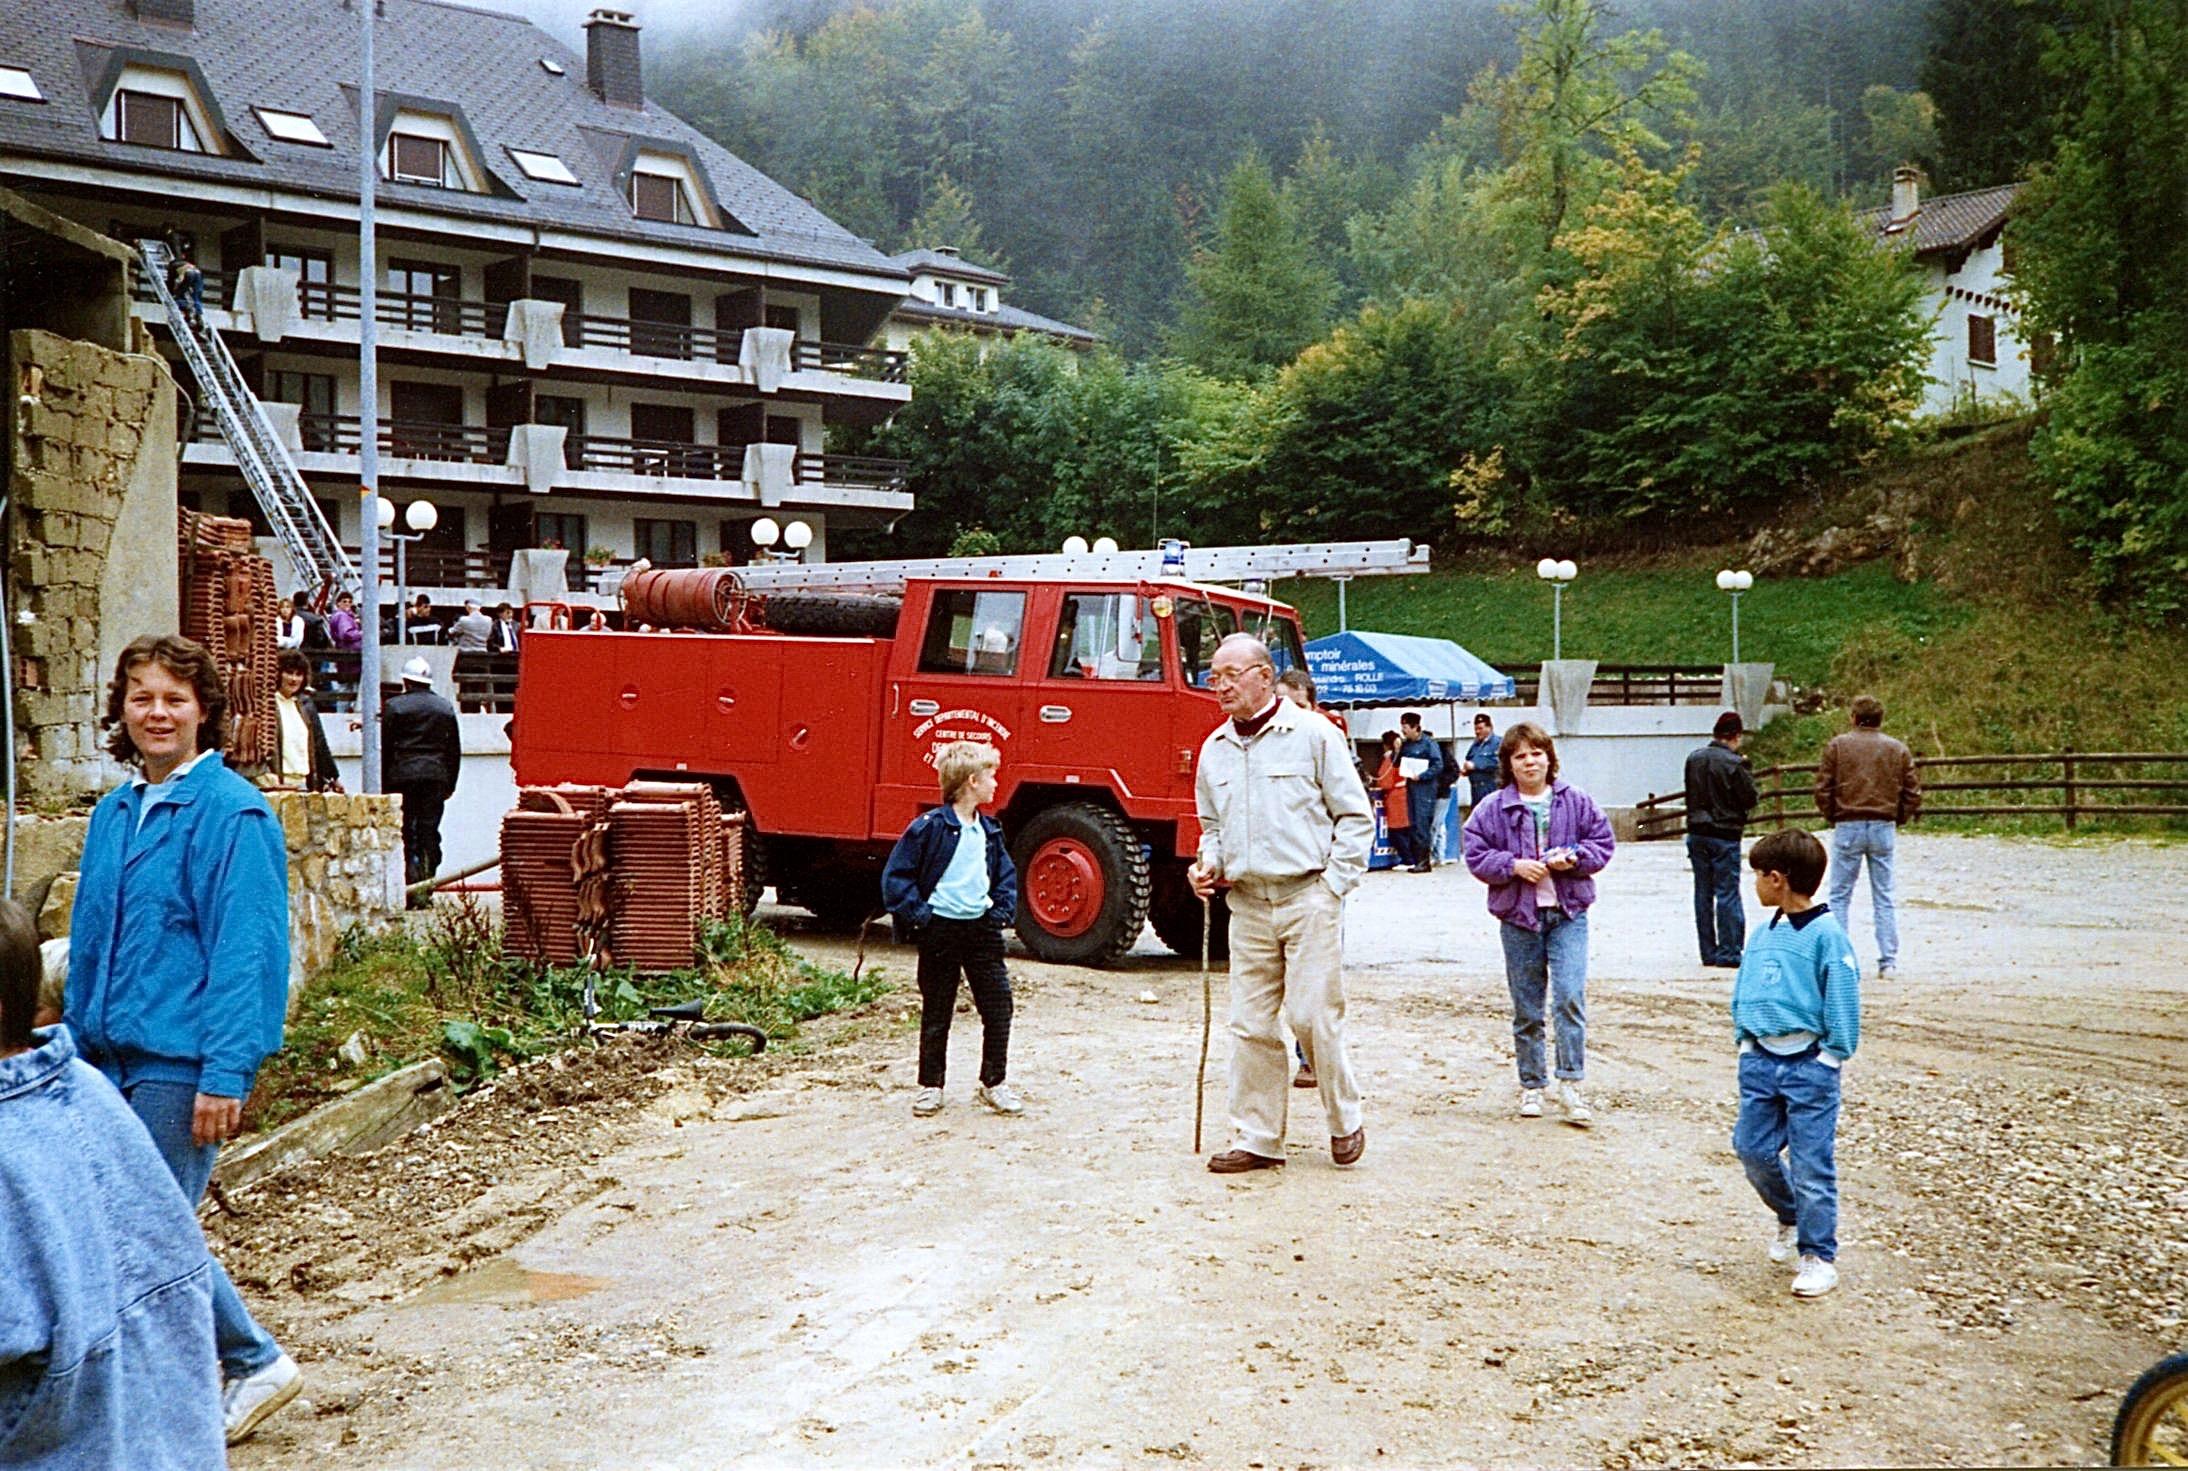 Famille André, une démonstration des pompiers